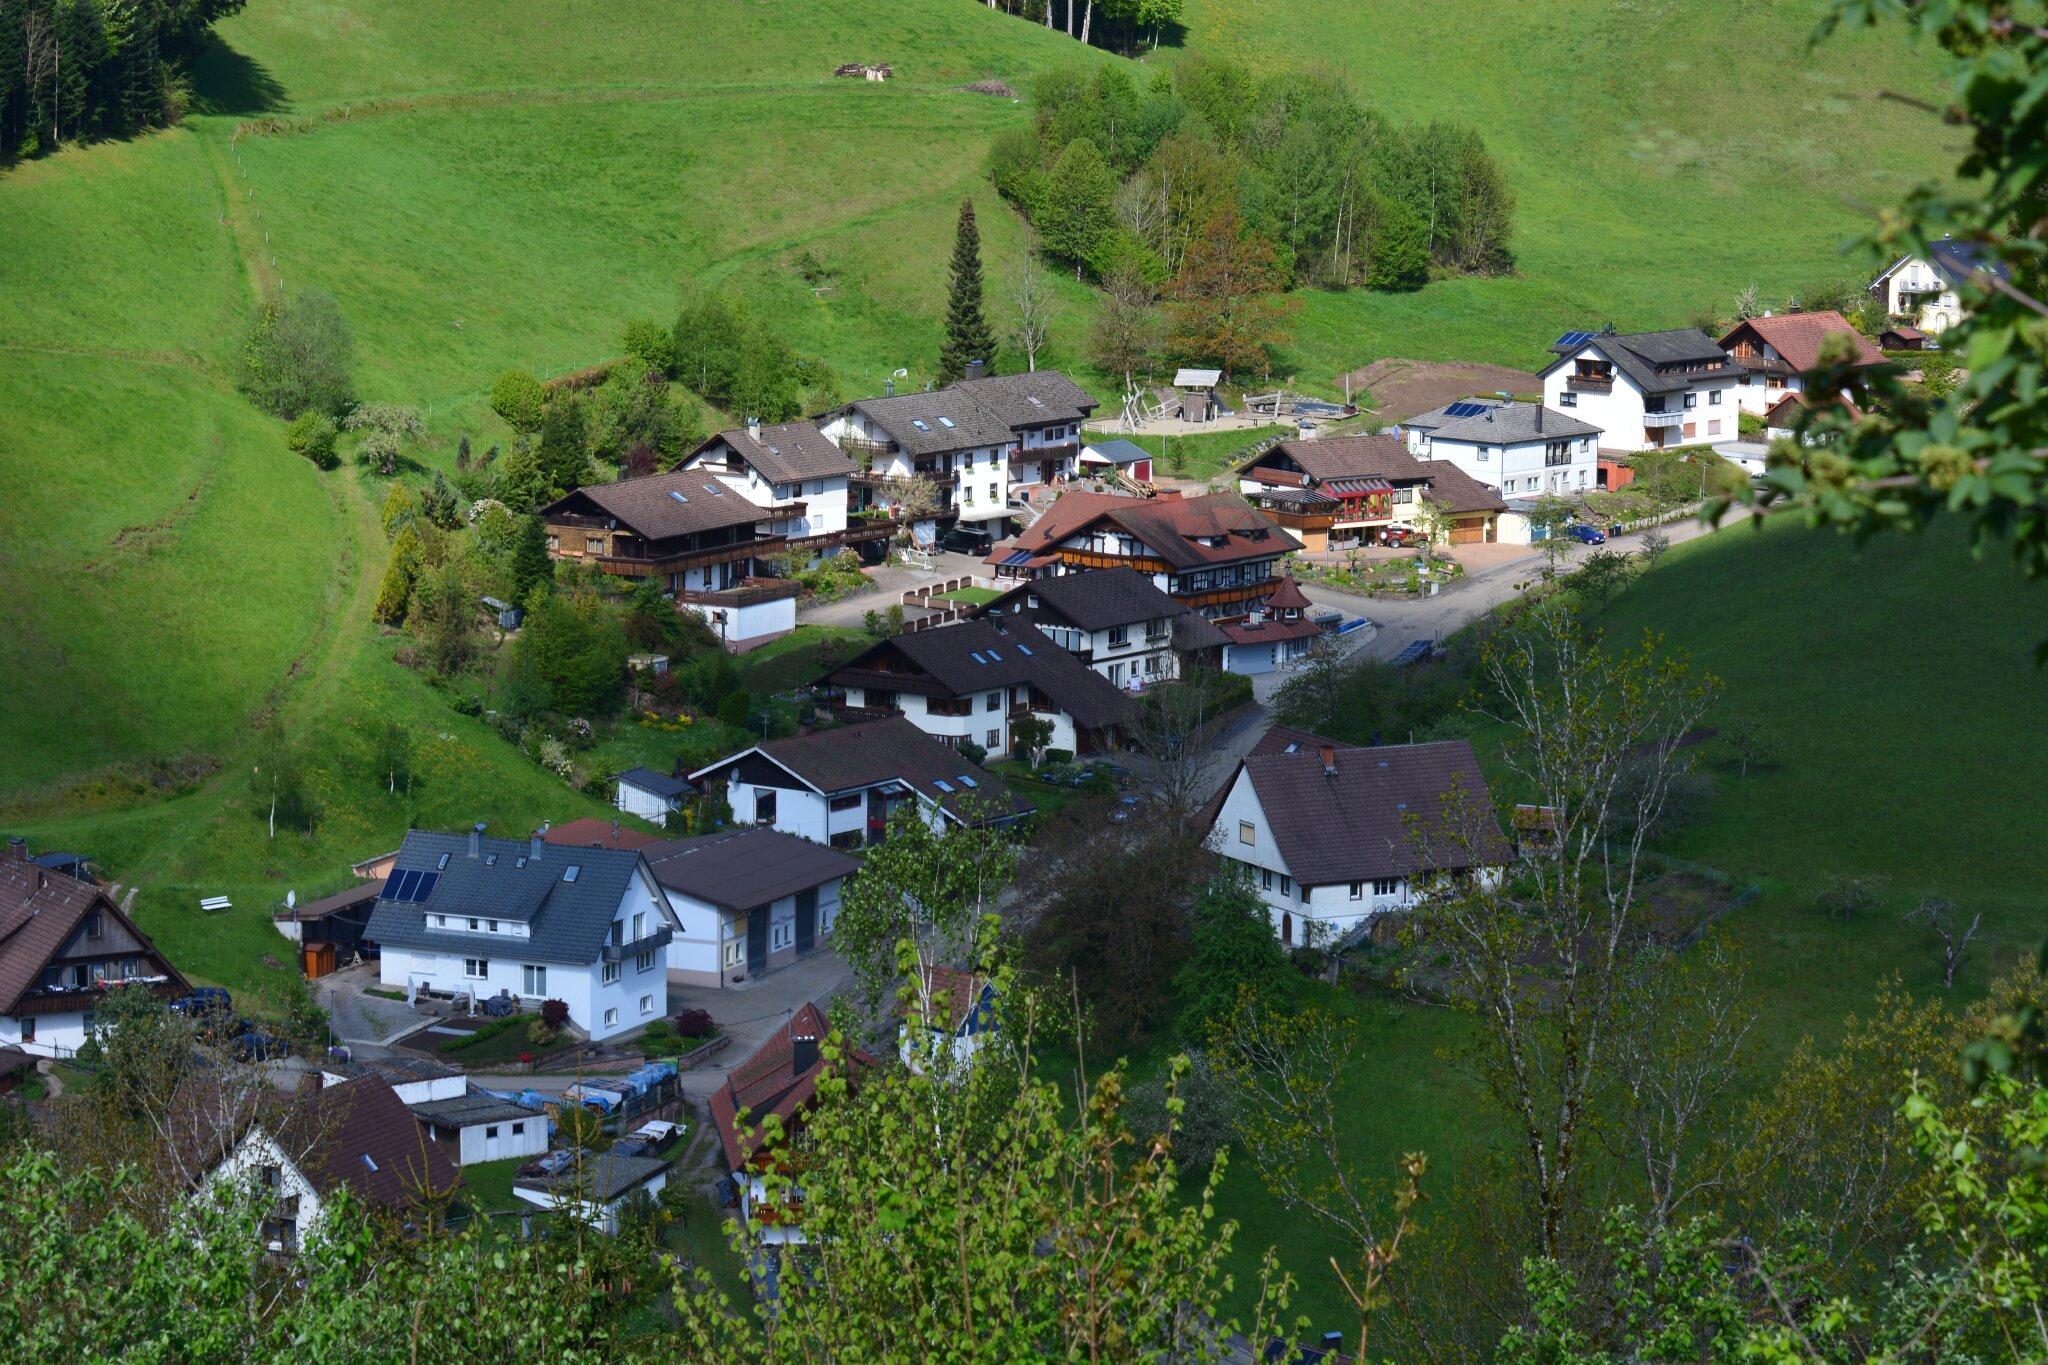 Schapbach im Wolfachtal